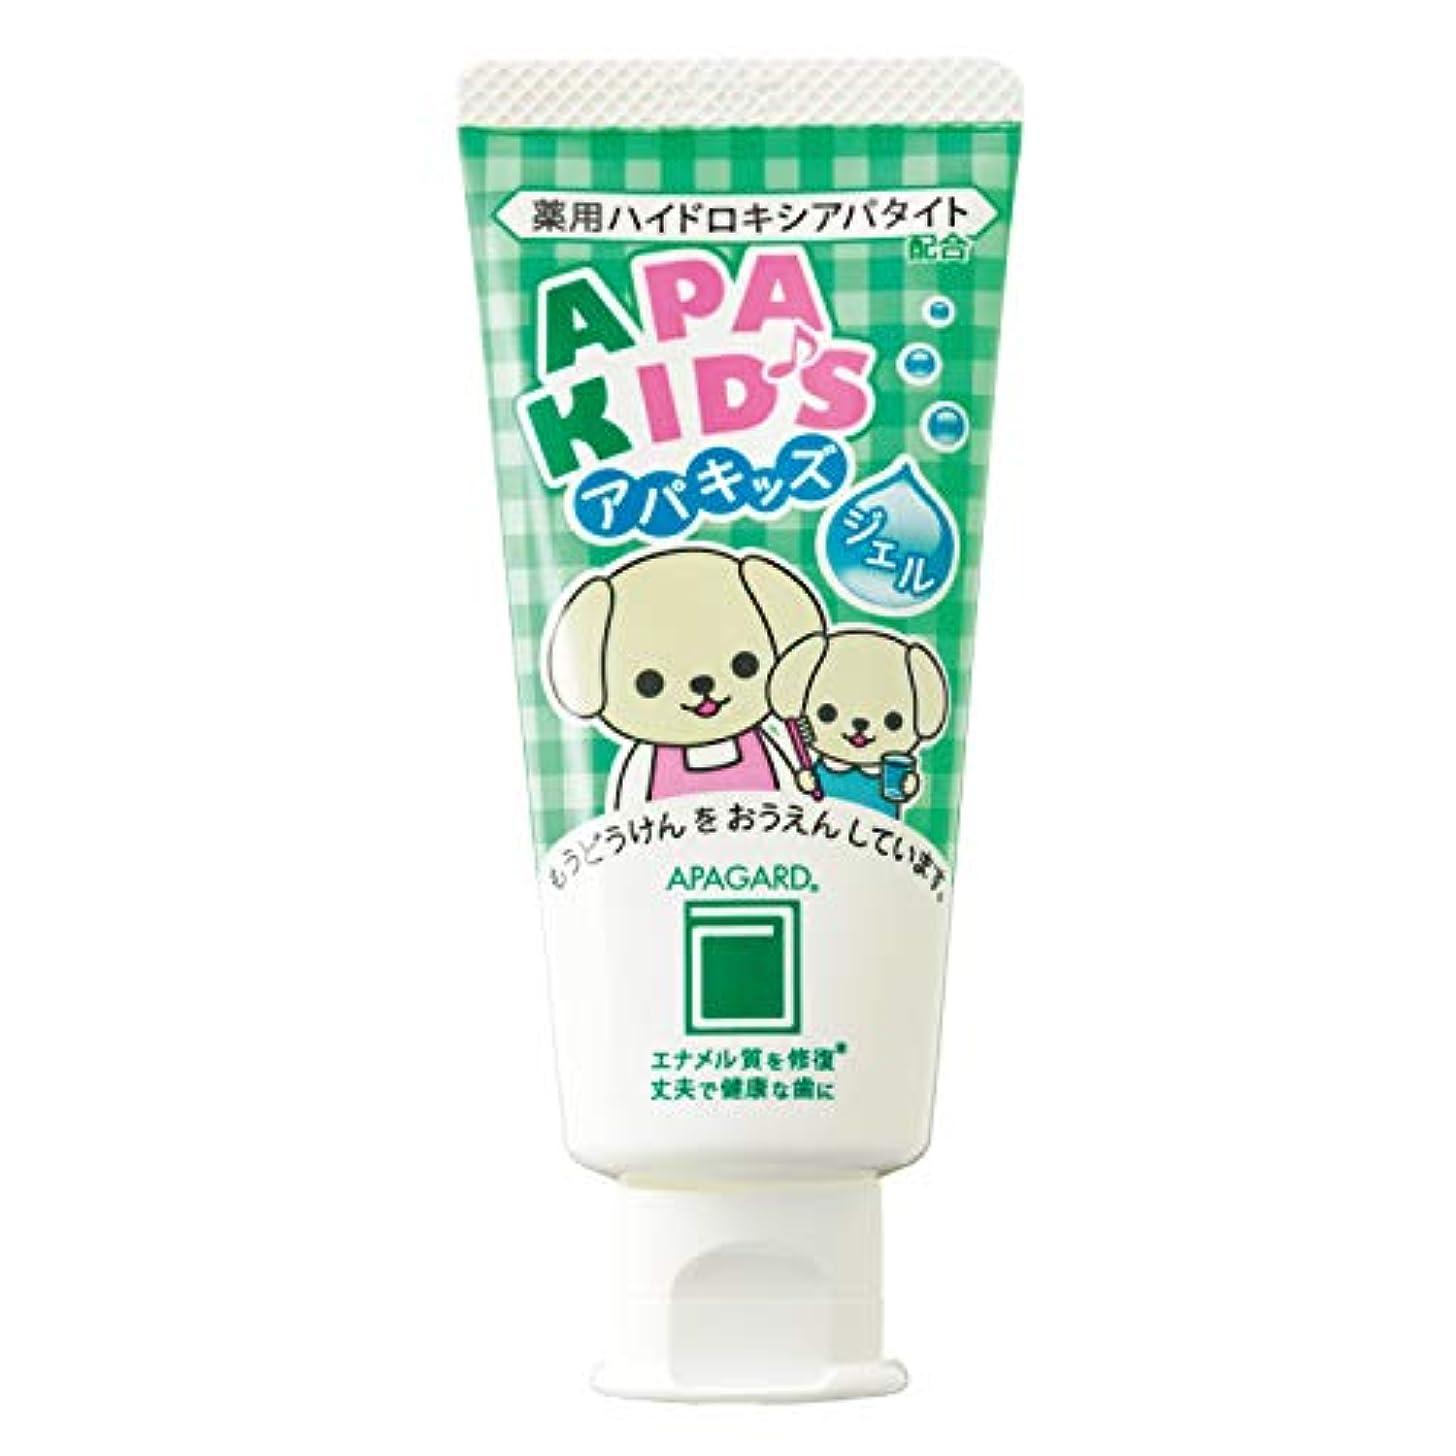 邪悪な床を掃除する拾うアパガード(APAGARD)アパキッズジェル60g むし歯予防 こどもハミガキ ジェルタイプ(医薬部外品)